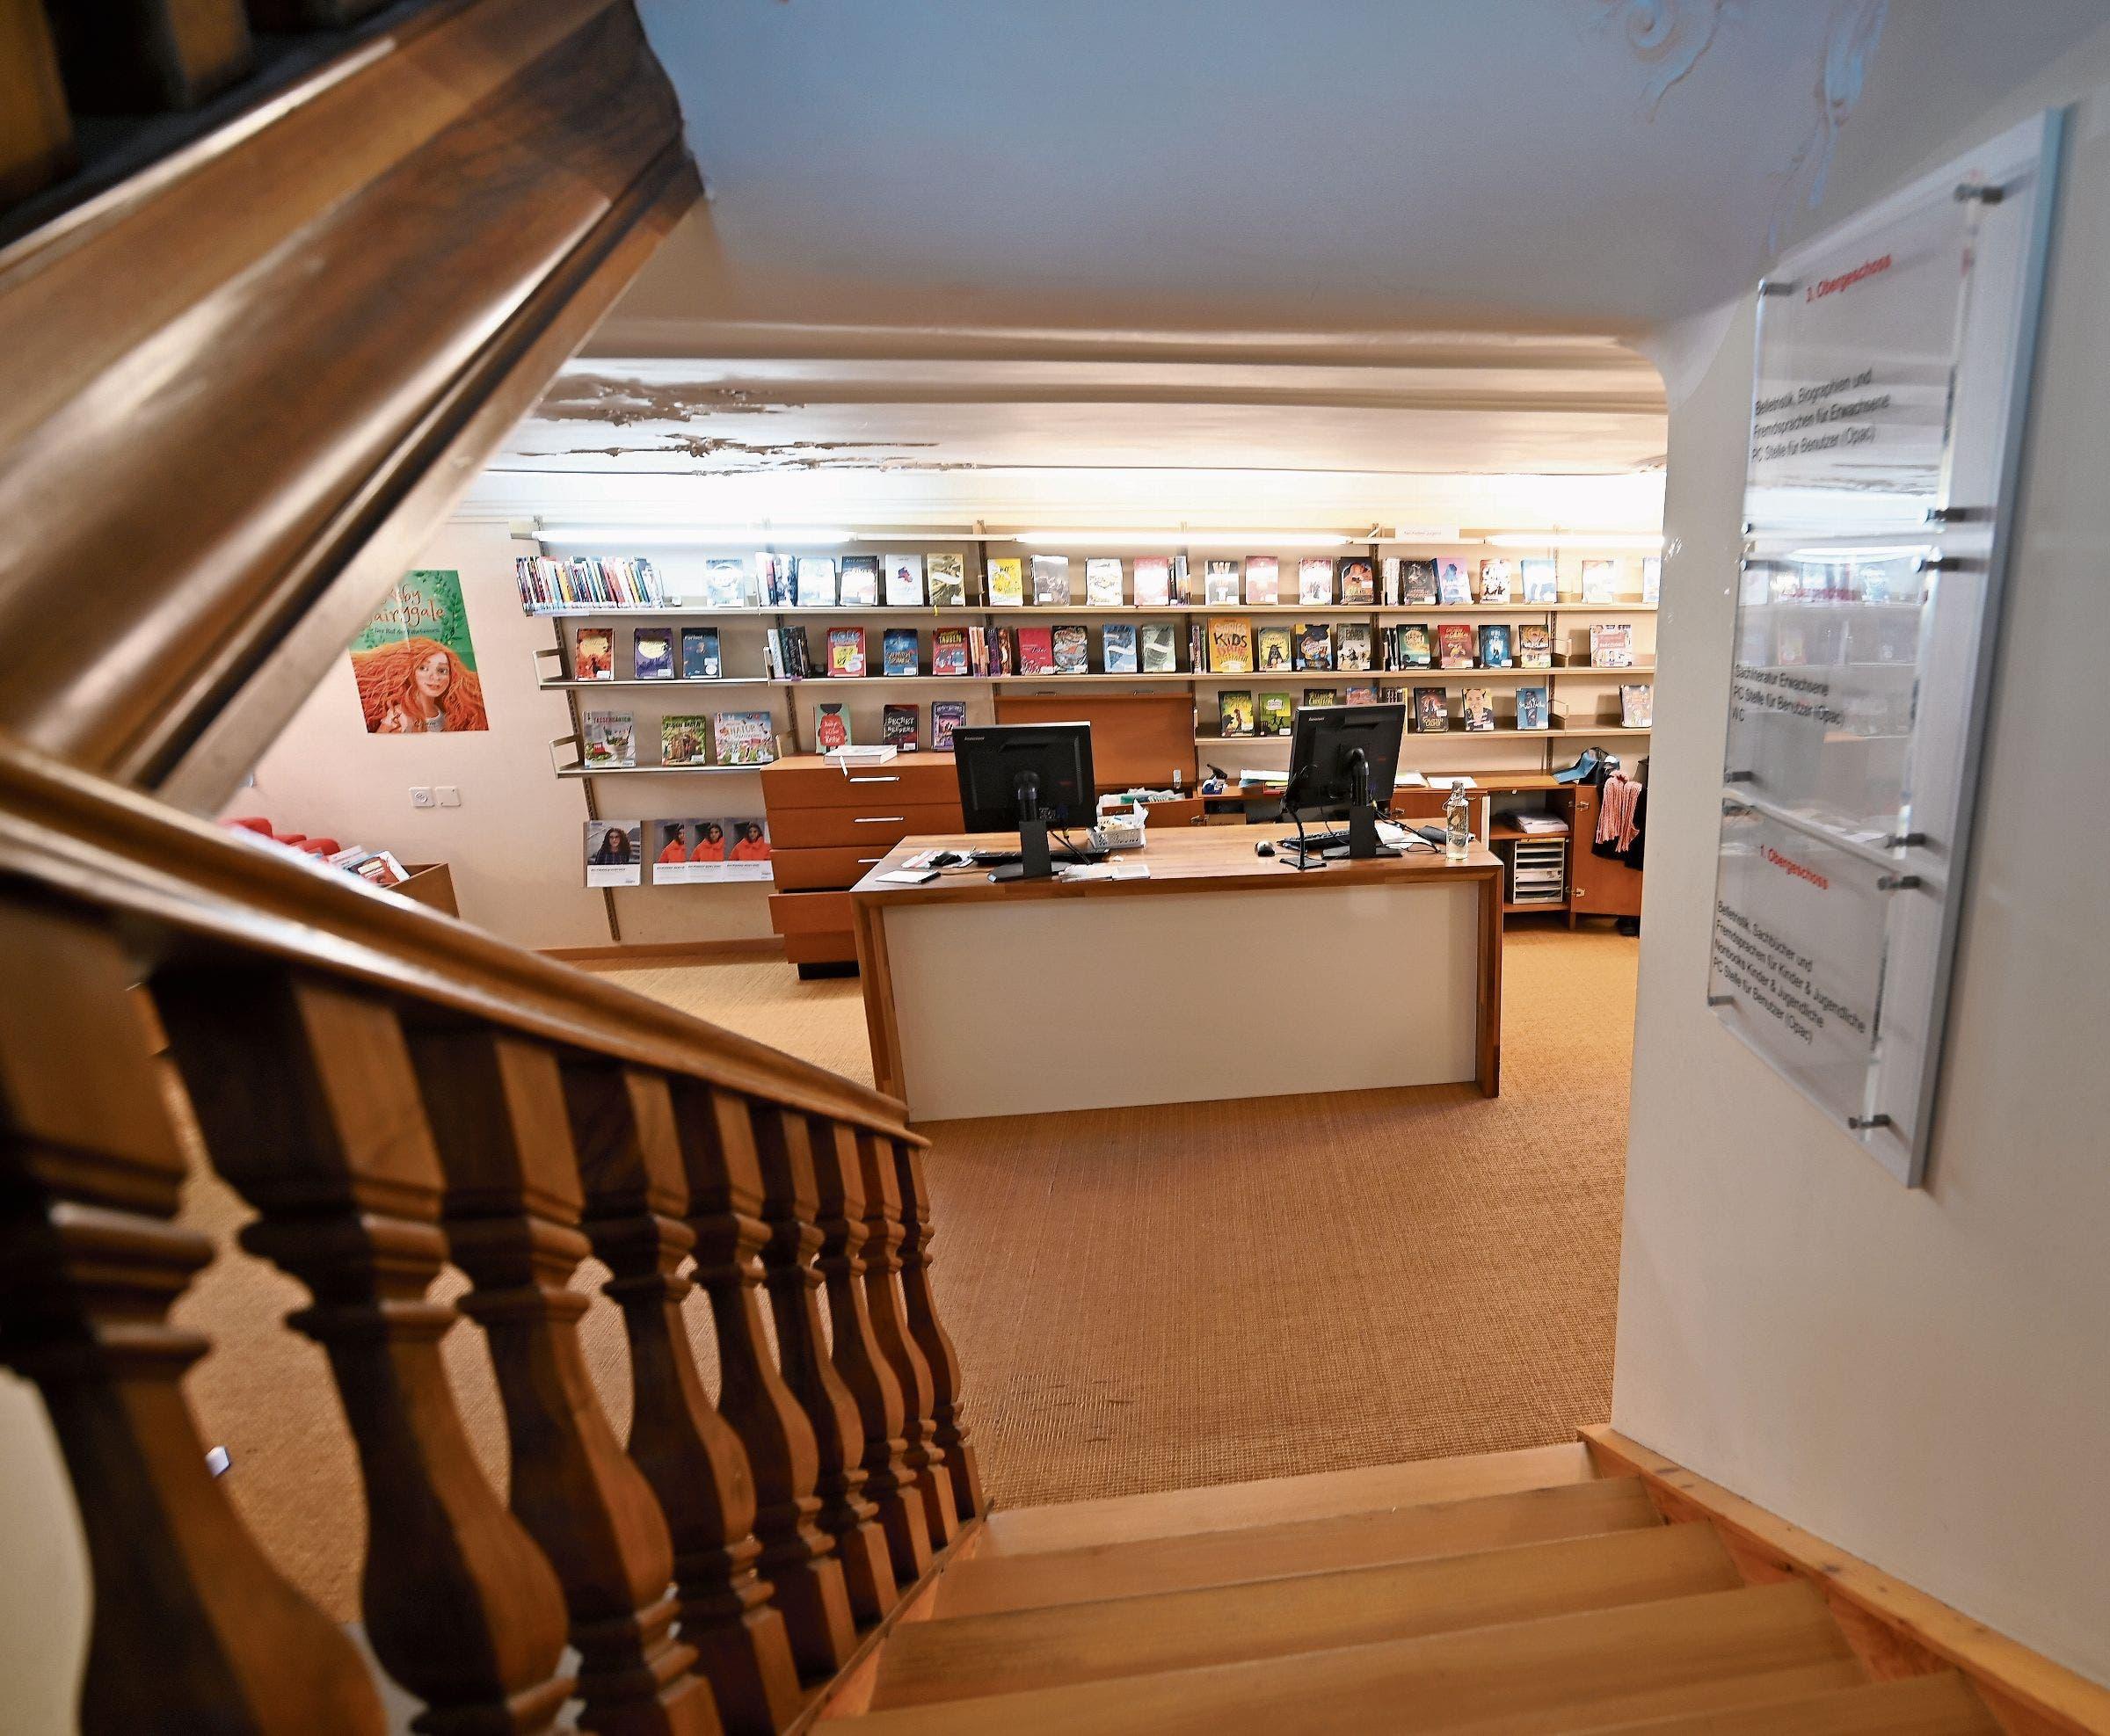 Heute erstreckt sich die Bibliothek über vier Geschosse im Haus Reburg. Künftig, in der Freihof-Passage, soll das ganze Angebot schwellenfrei auf einer einzigen Fläche verfügbar sein.